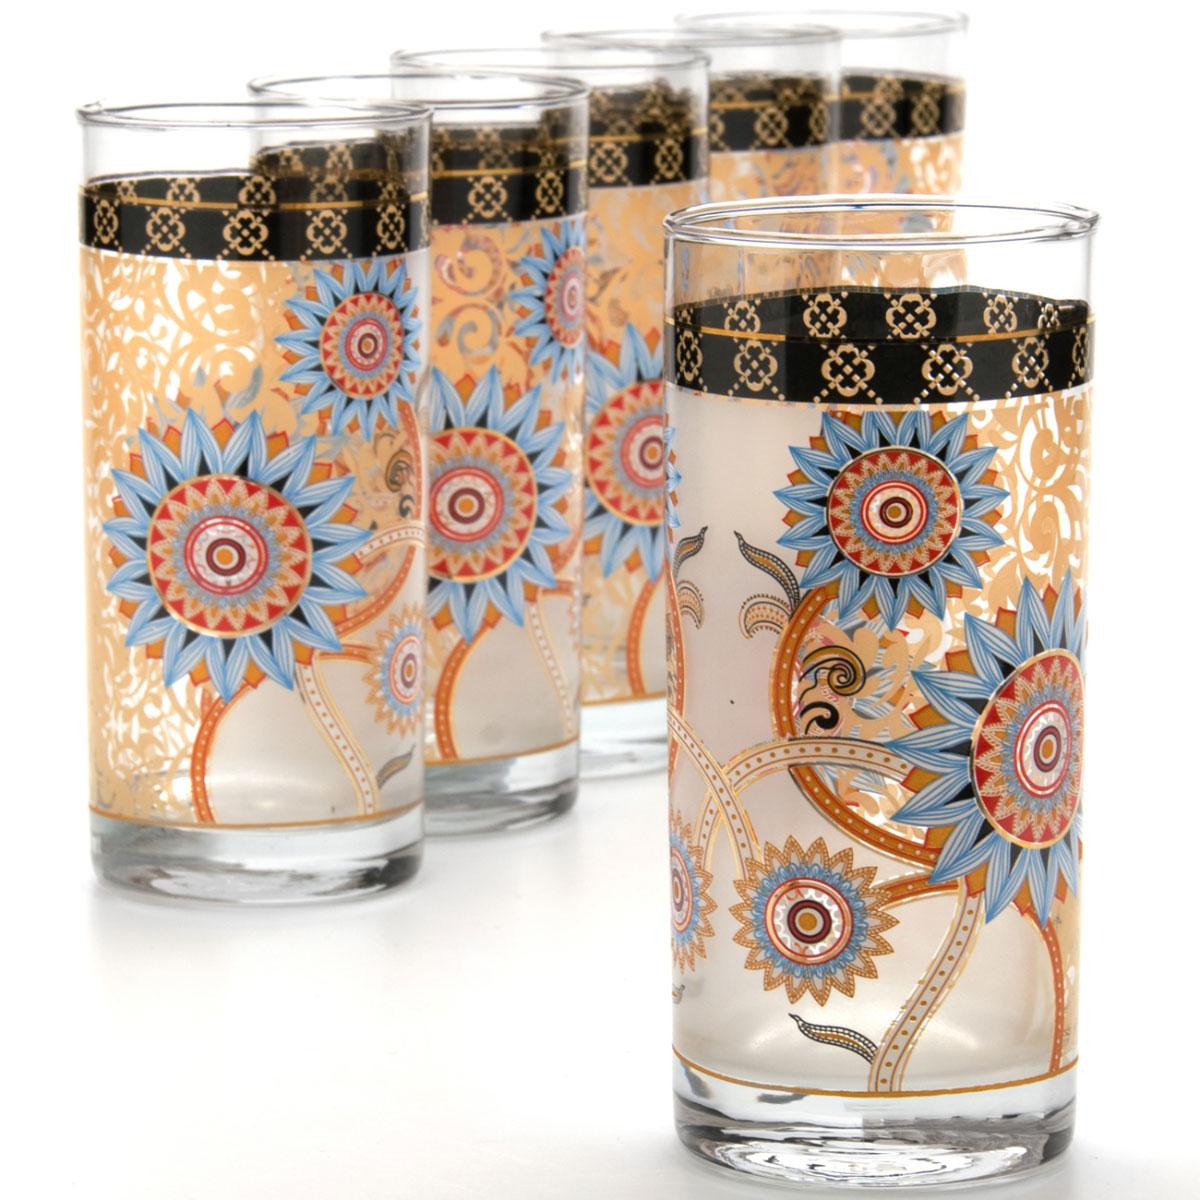 Набор стаканов Mayer & Boch, 370 мл, 6 шт. 2407724077Набор, состоящий из шести стаканов, несомненно, придется вам по душе. Стаканы выполнены из высококачественного стекла в мягких тонах с оригинальным узором. Благодаря такому набору пить напитки будет еще вкуснее. Объем стакана: 370 мл.